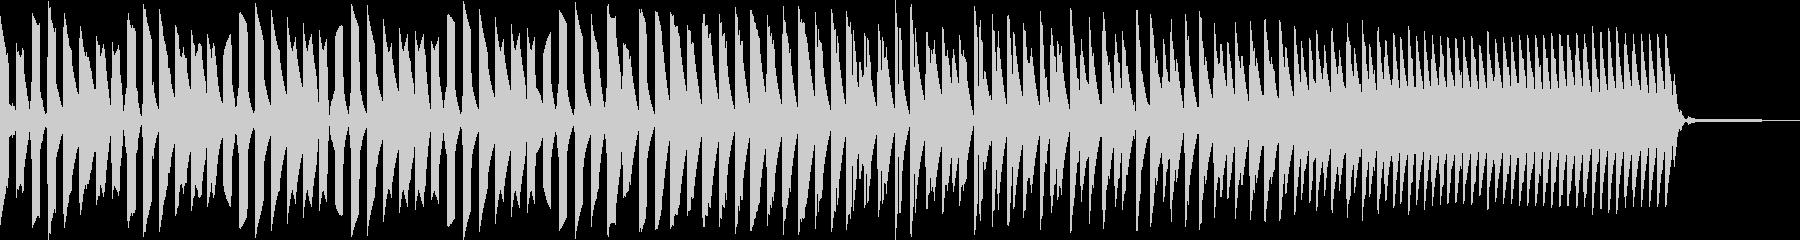 AMGアナログFX4の未再生の波形